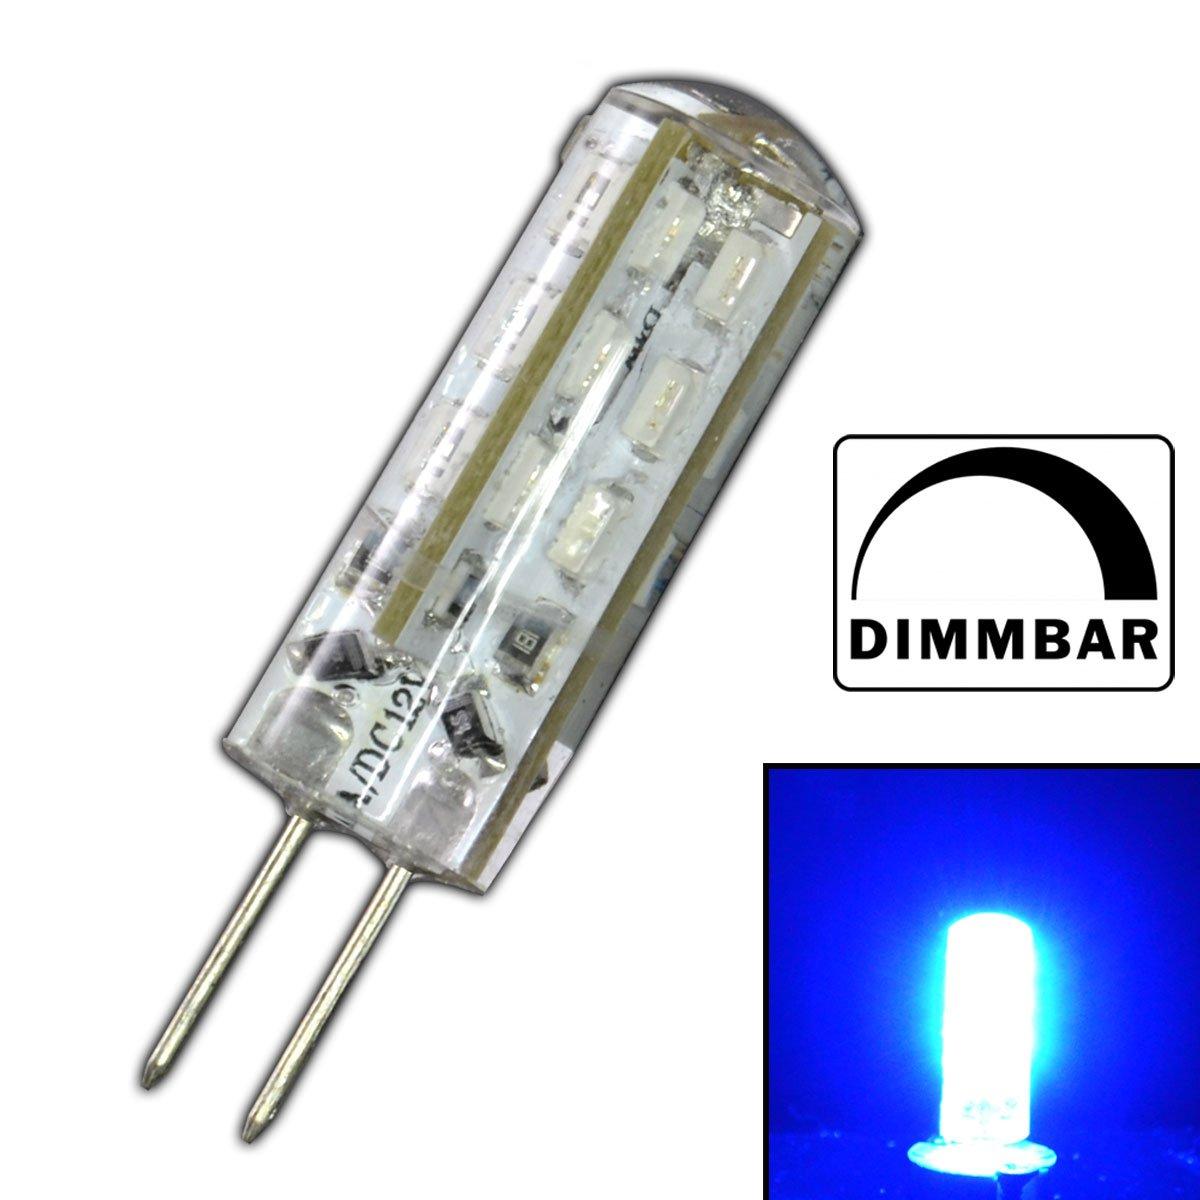 Dimmbare G4 LED mit 1,5 Watt DIMMBAR und 24 SMDs BLAU - Blaulicht ...